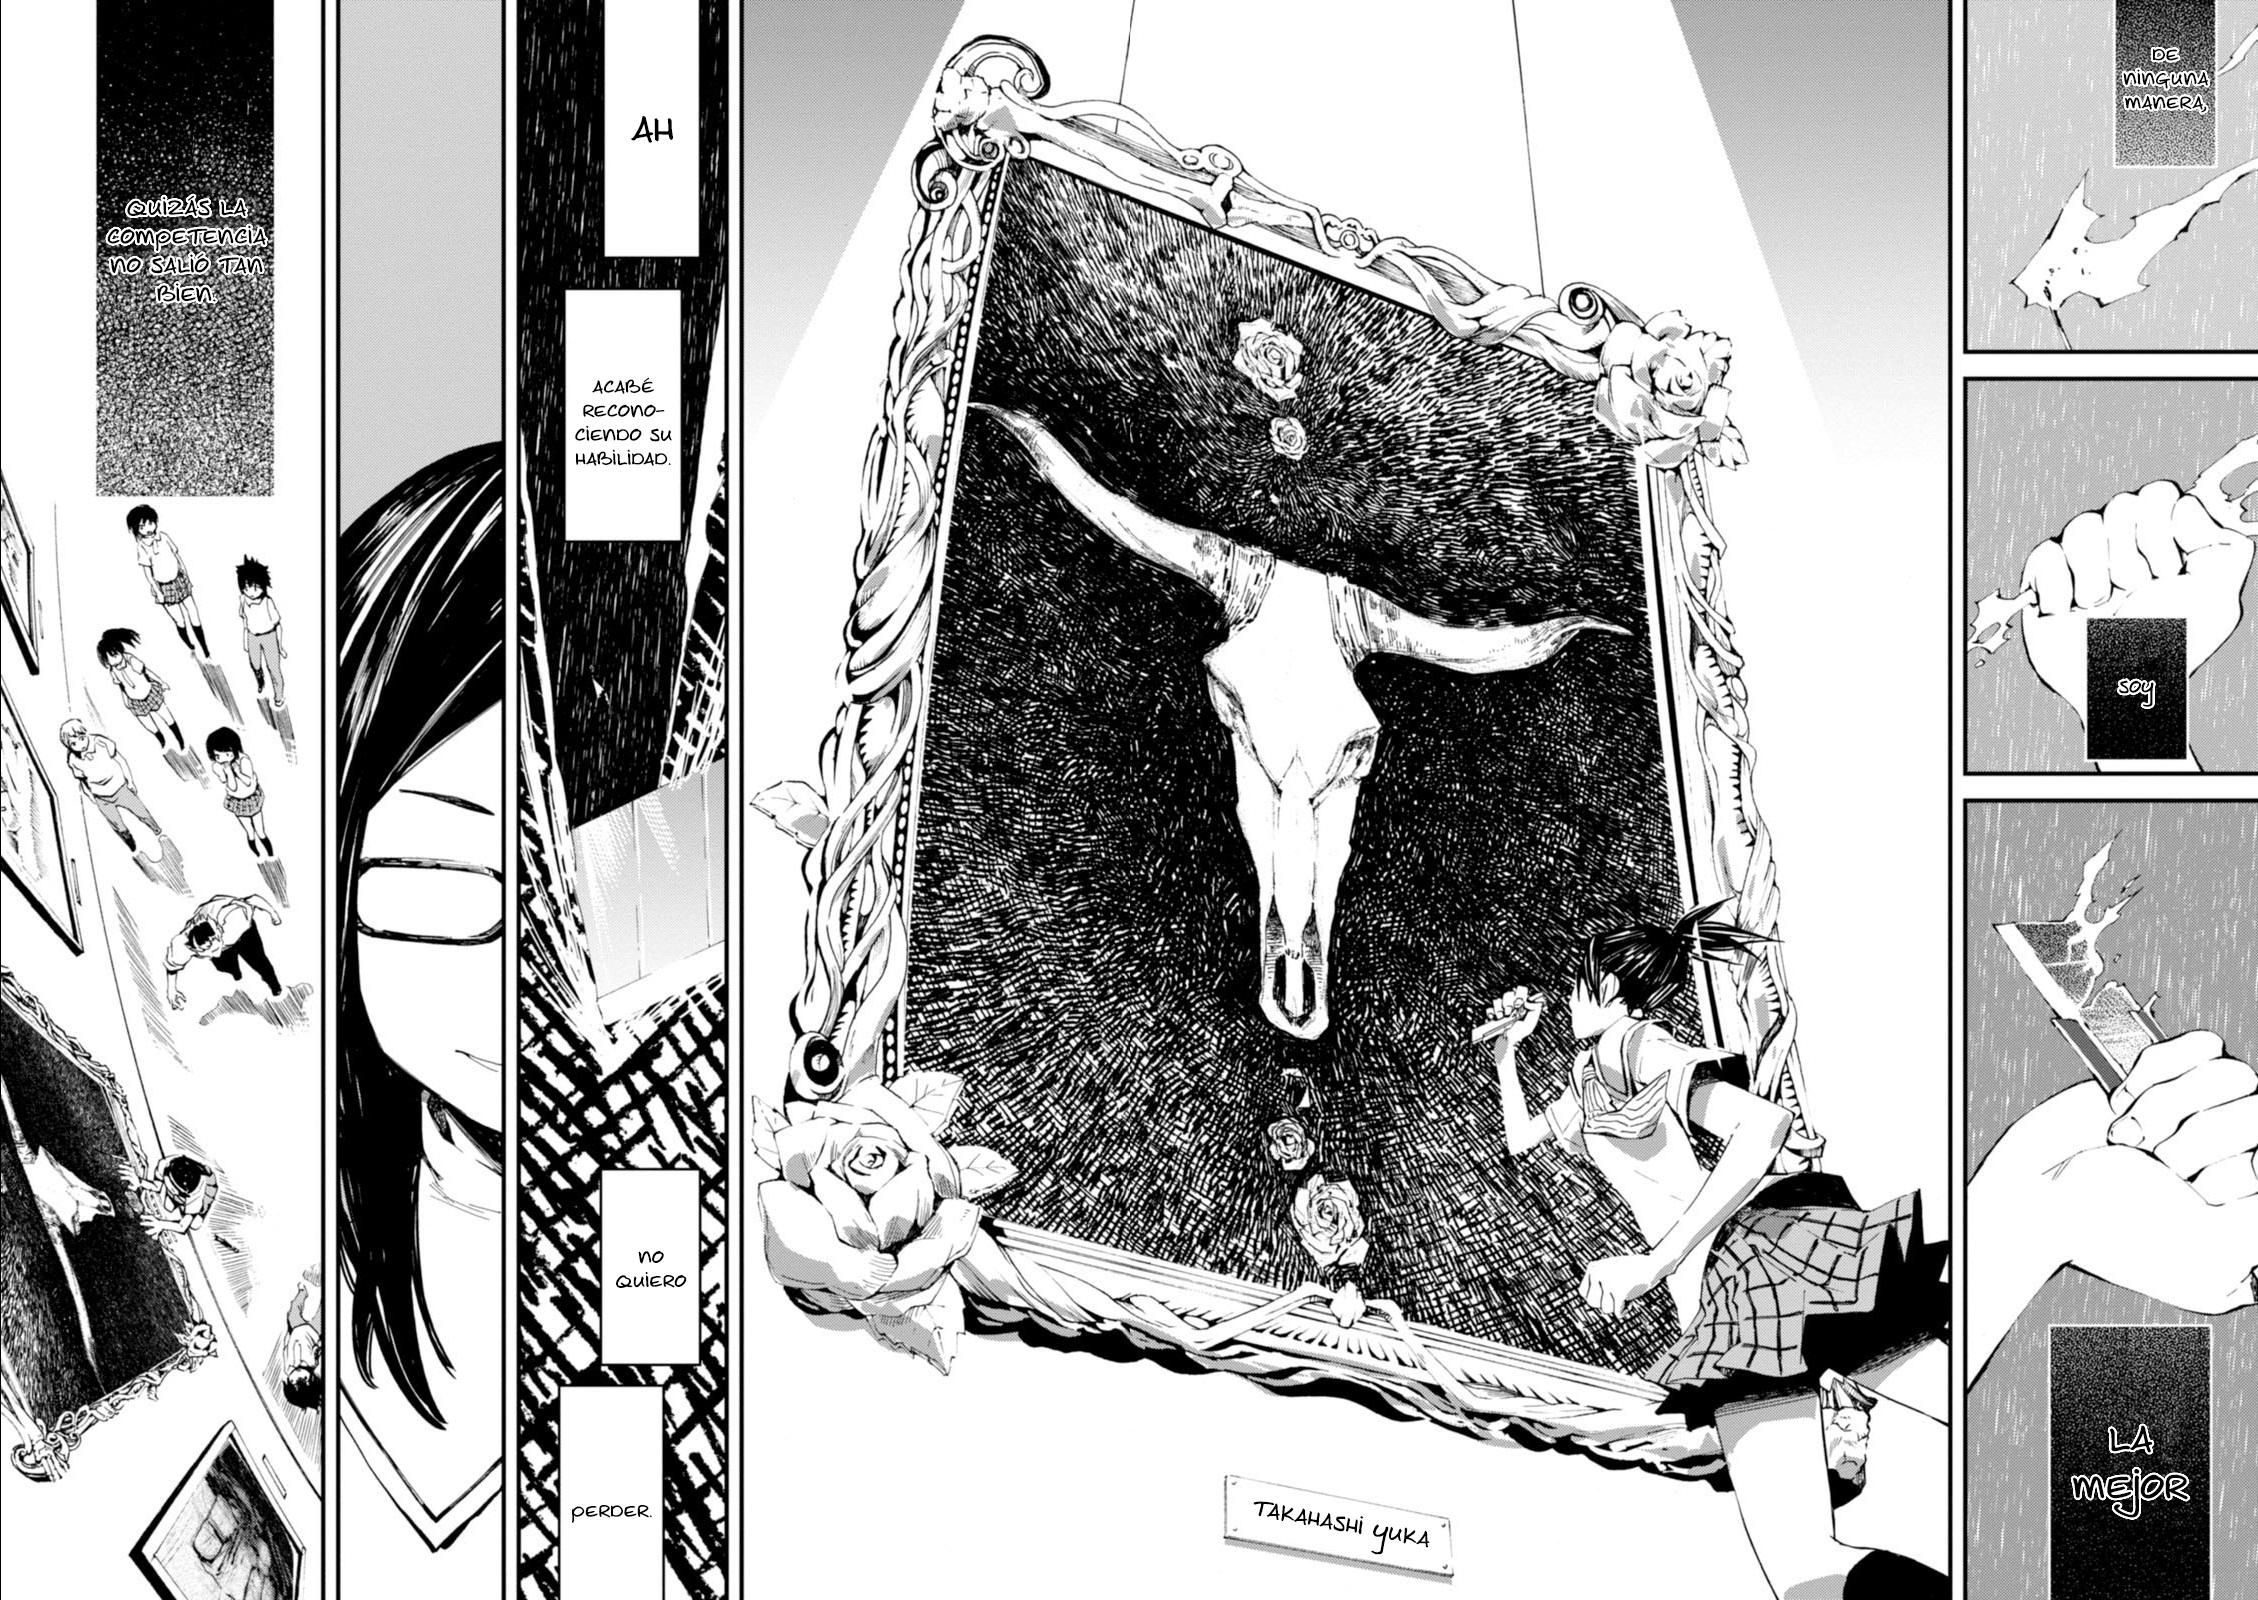 http://c5.ninemanga.com/es_manga/27/17755/453358/443615ca6b28402752eb646cc6f51ae7.jpg Page 36